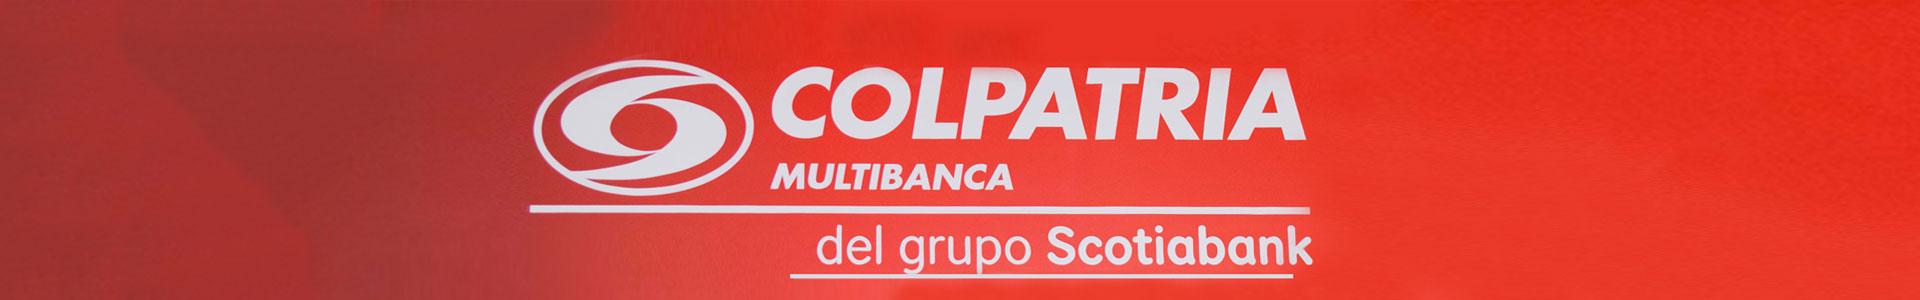 Colpatria